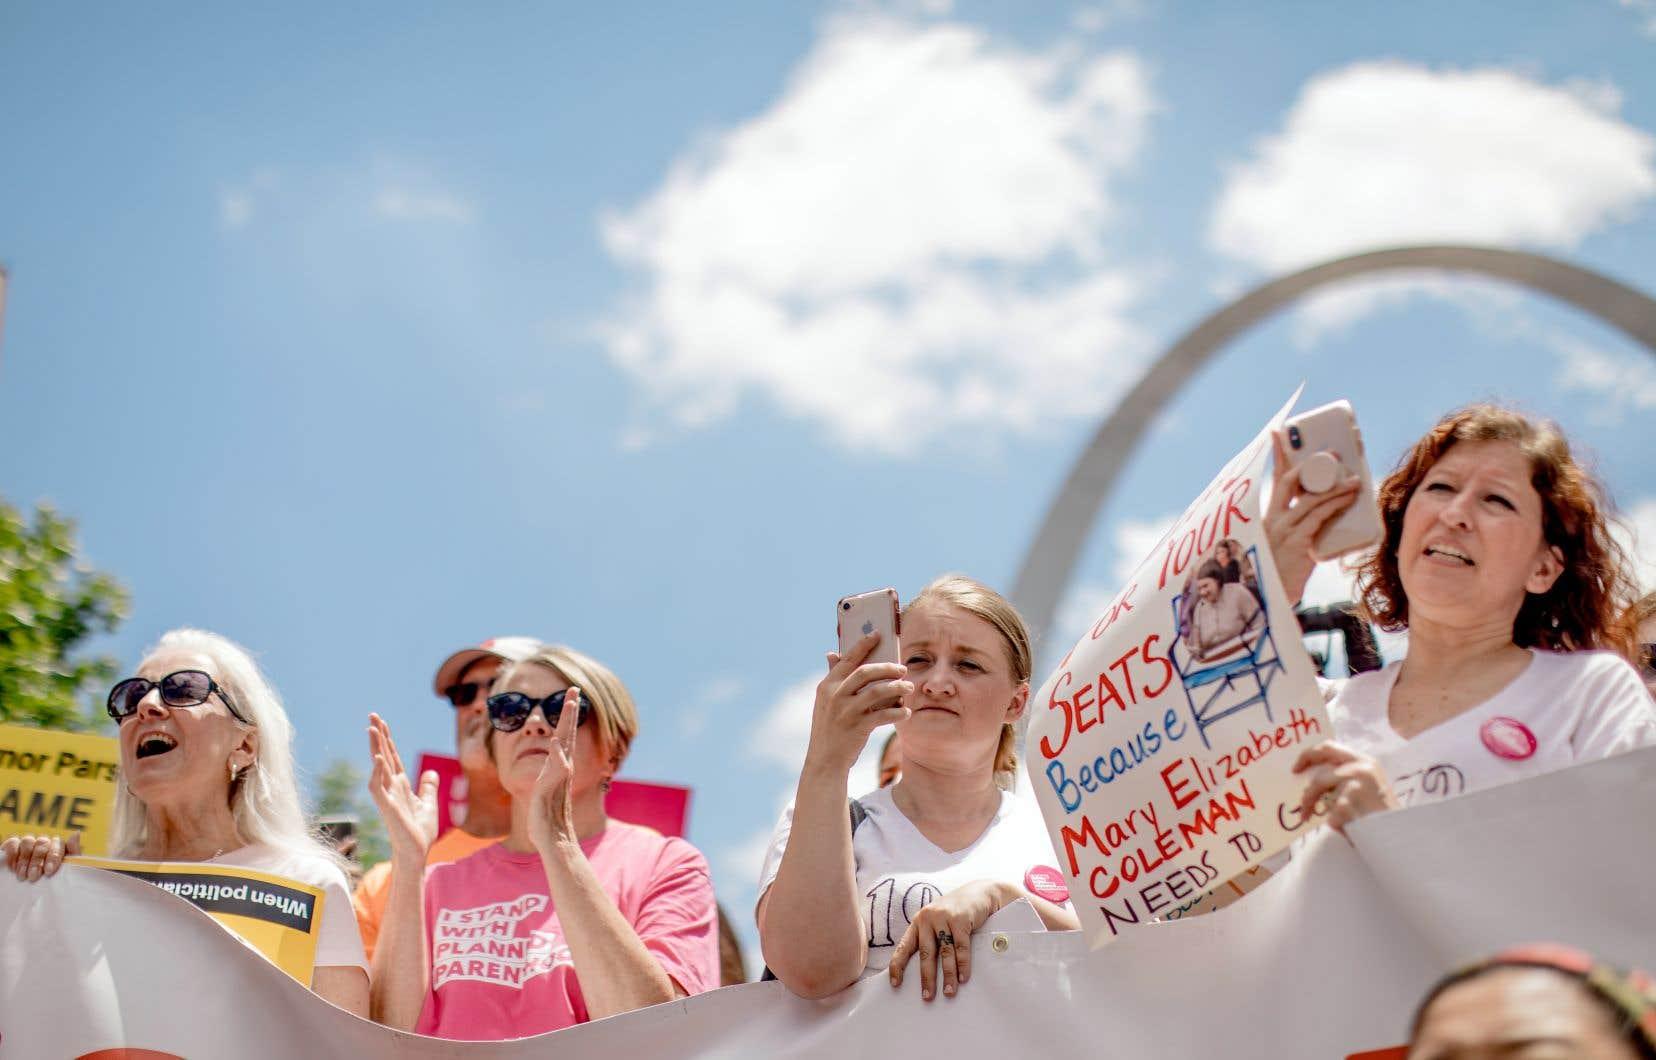 Des manifestants ont dénoncé la fermeture de la dernière clinique d'avortement à Saint Louis, Missouri, le 30 mai.